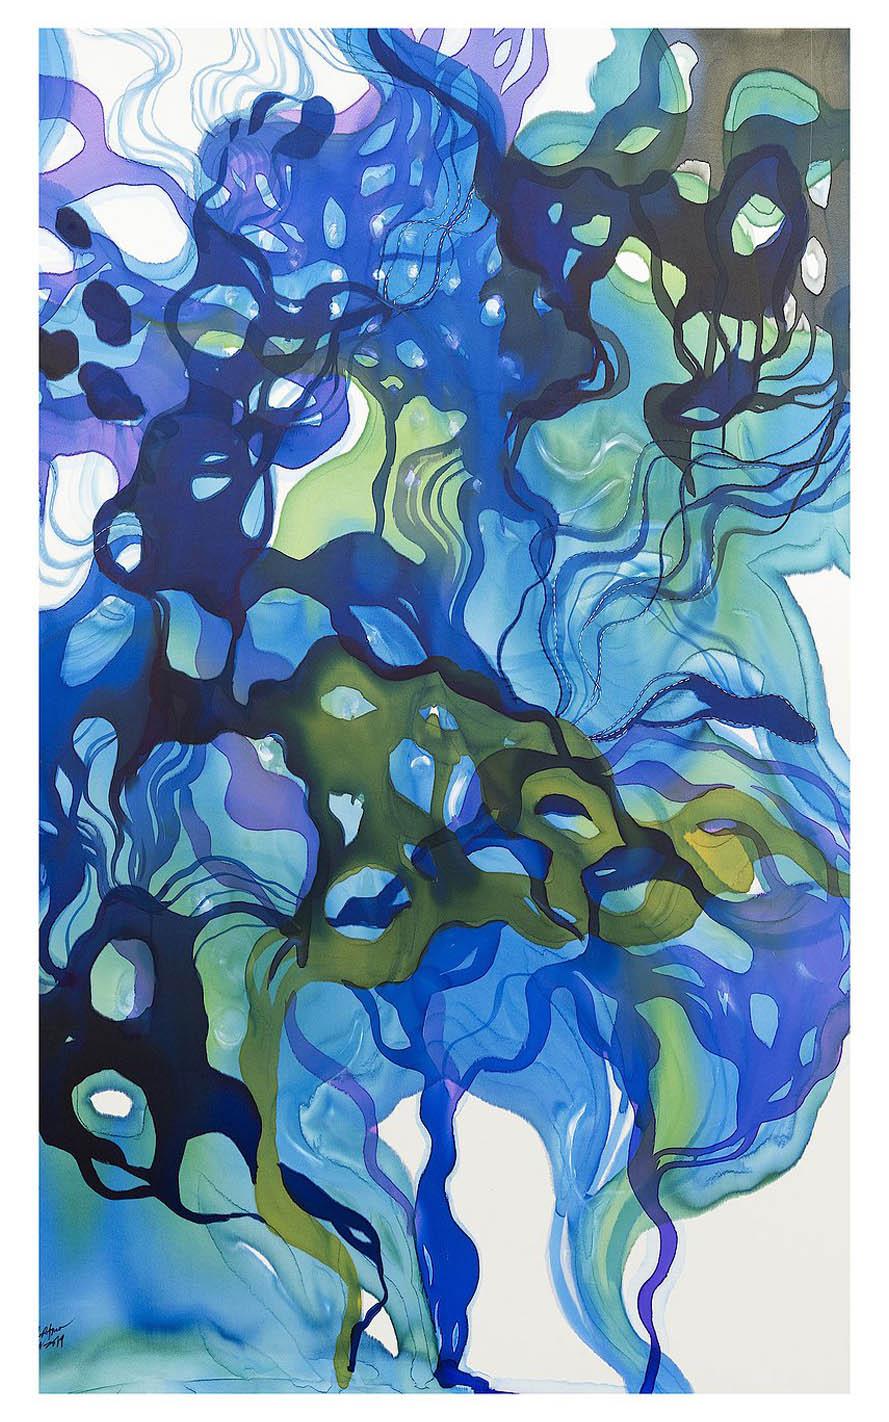 New John Martono Print Range Published : The Blues Series